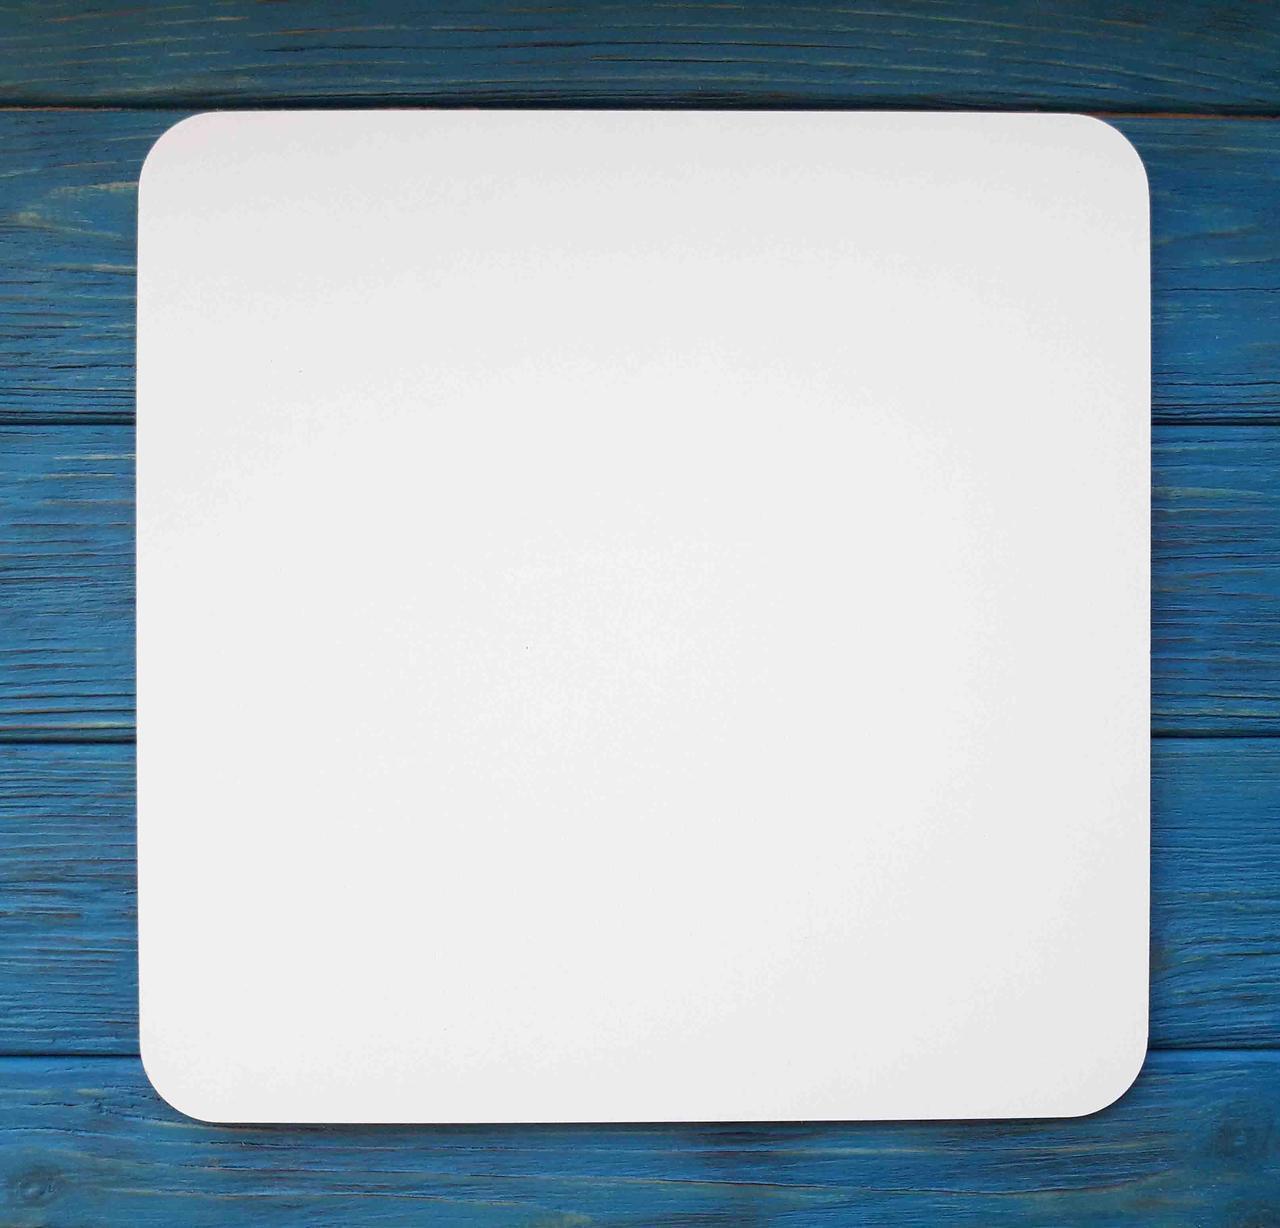 Подложка под торт. Подставка для торта усиленная. Квадратная. Размер 23Х23 см.